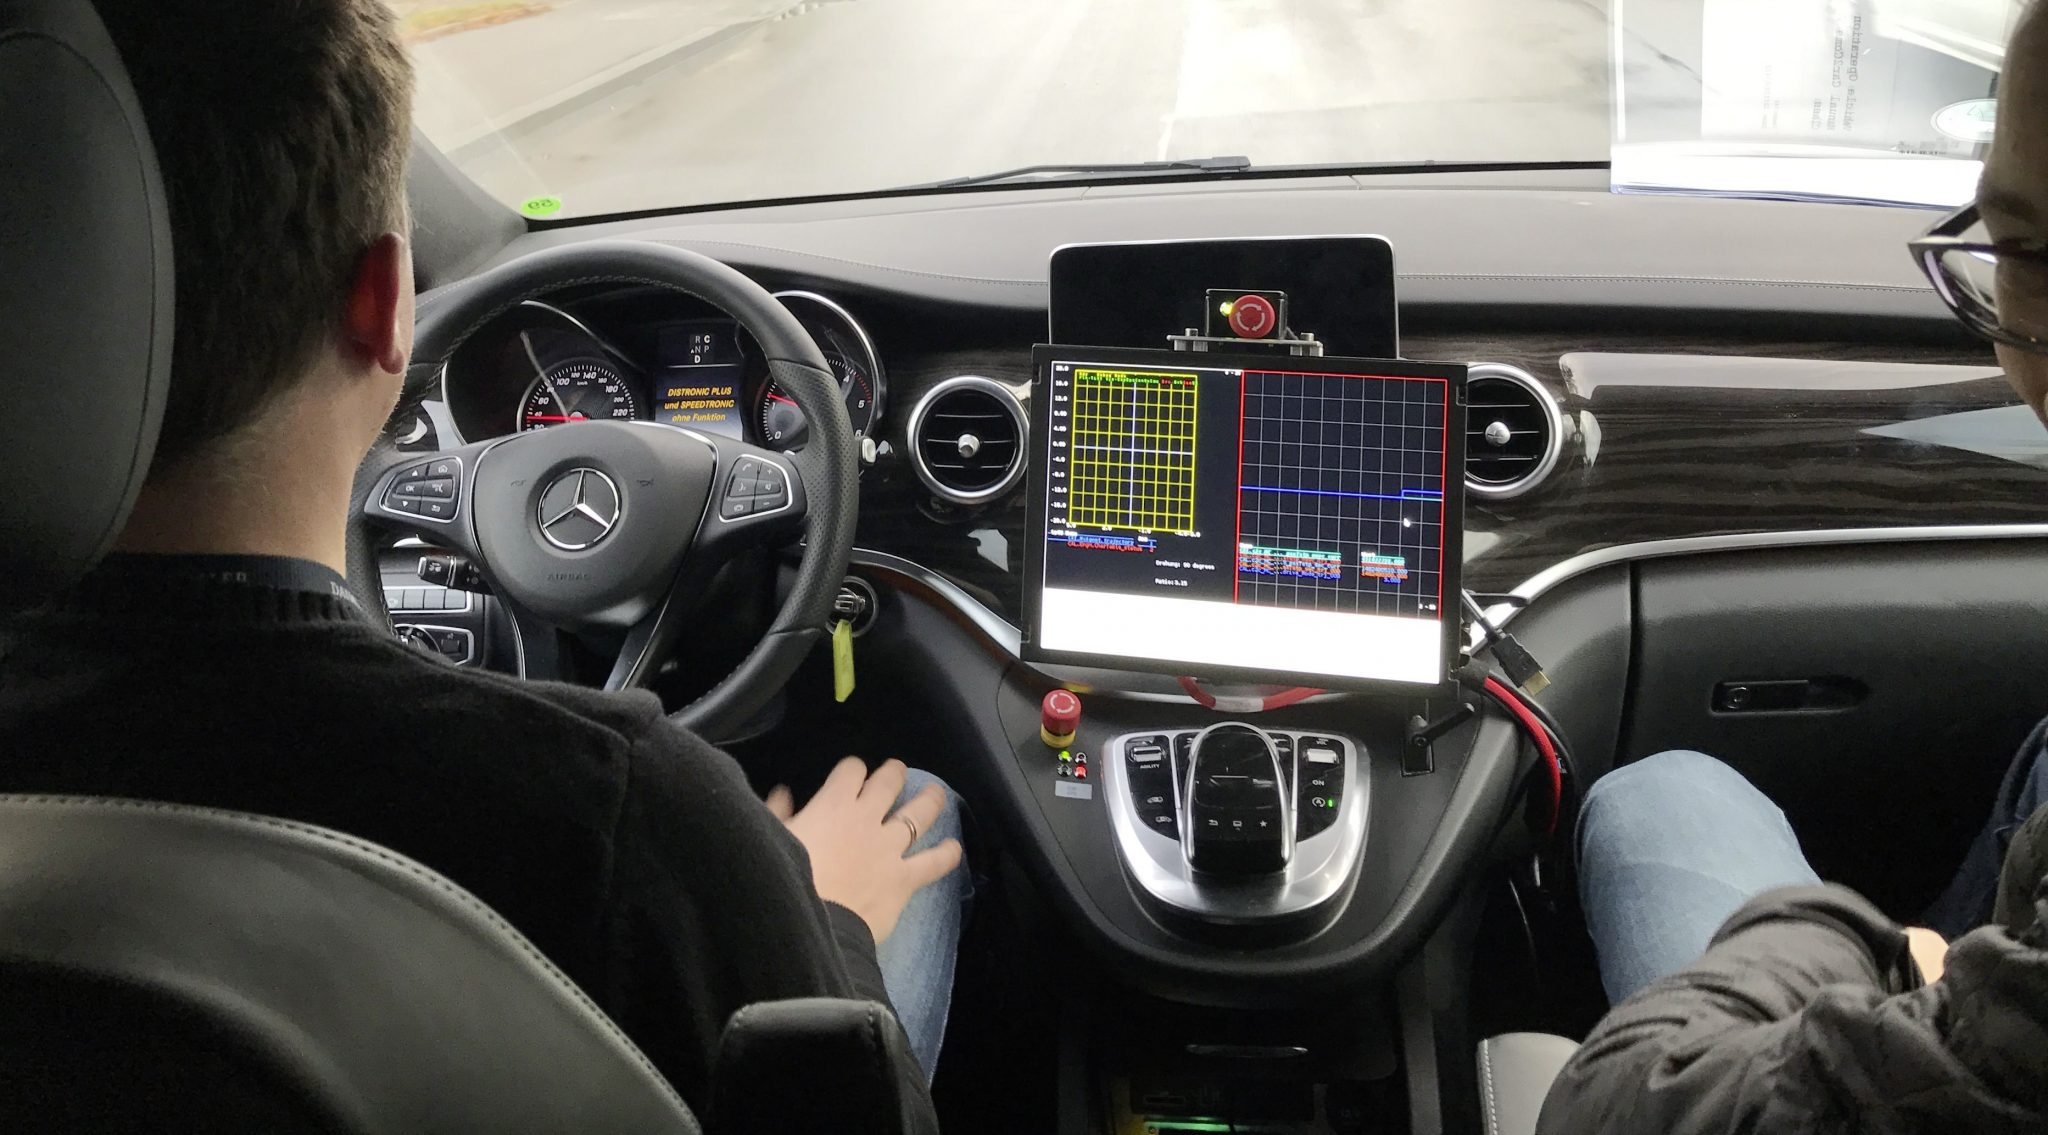 Autonoom rijden gaat niet gebeuren - Mercedes S-klasse zonder handen interieur dashboard